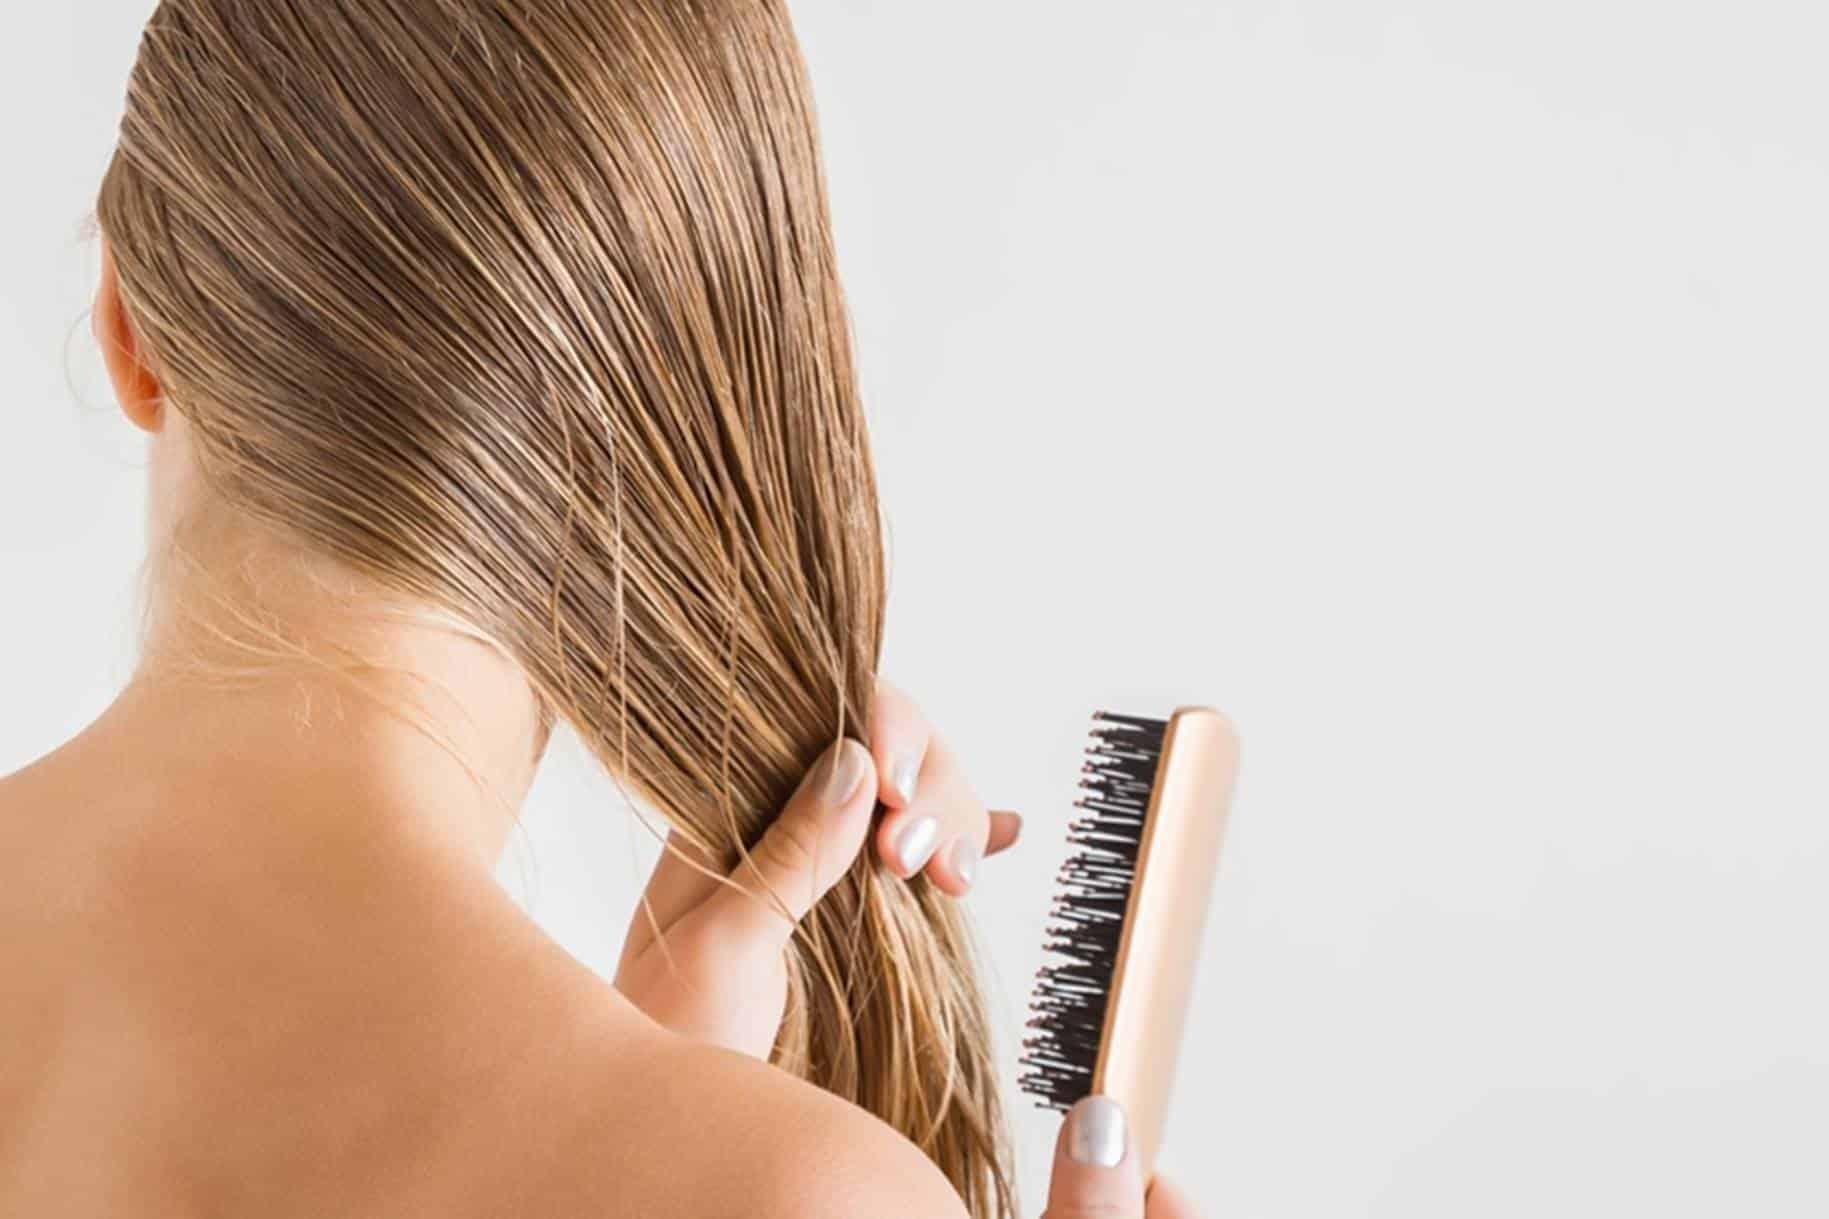 Oito hábitos comuns que facilitam a quebra do seus cabelos